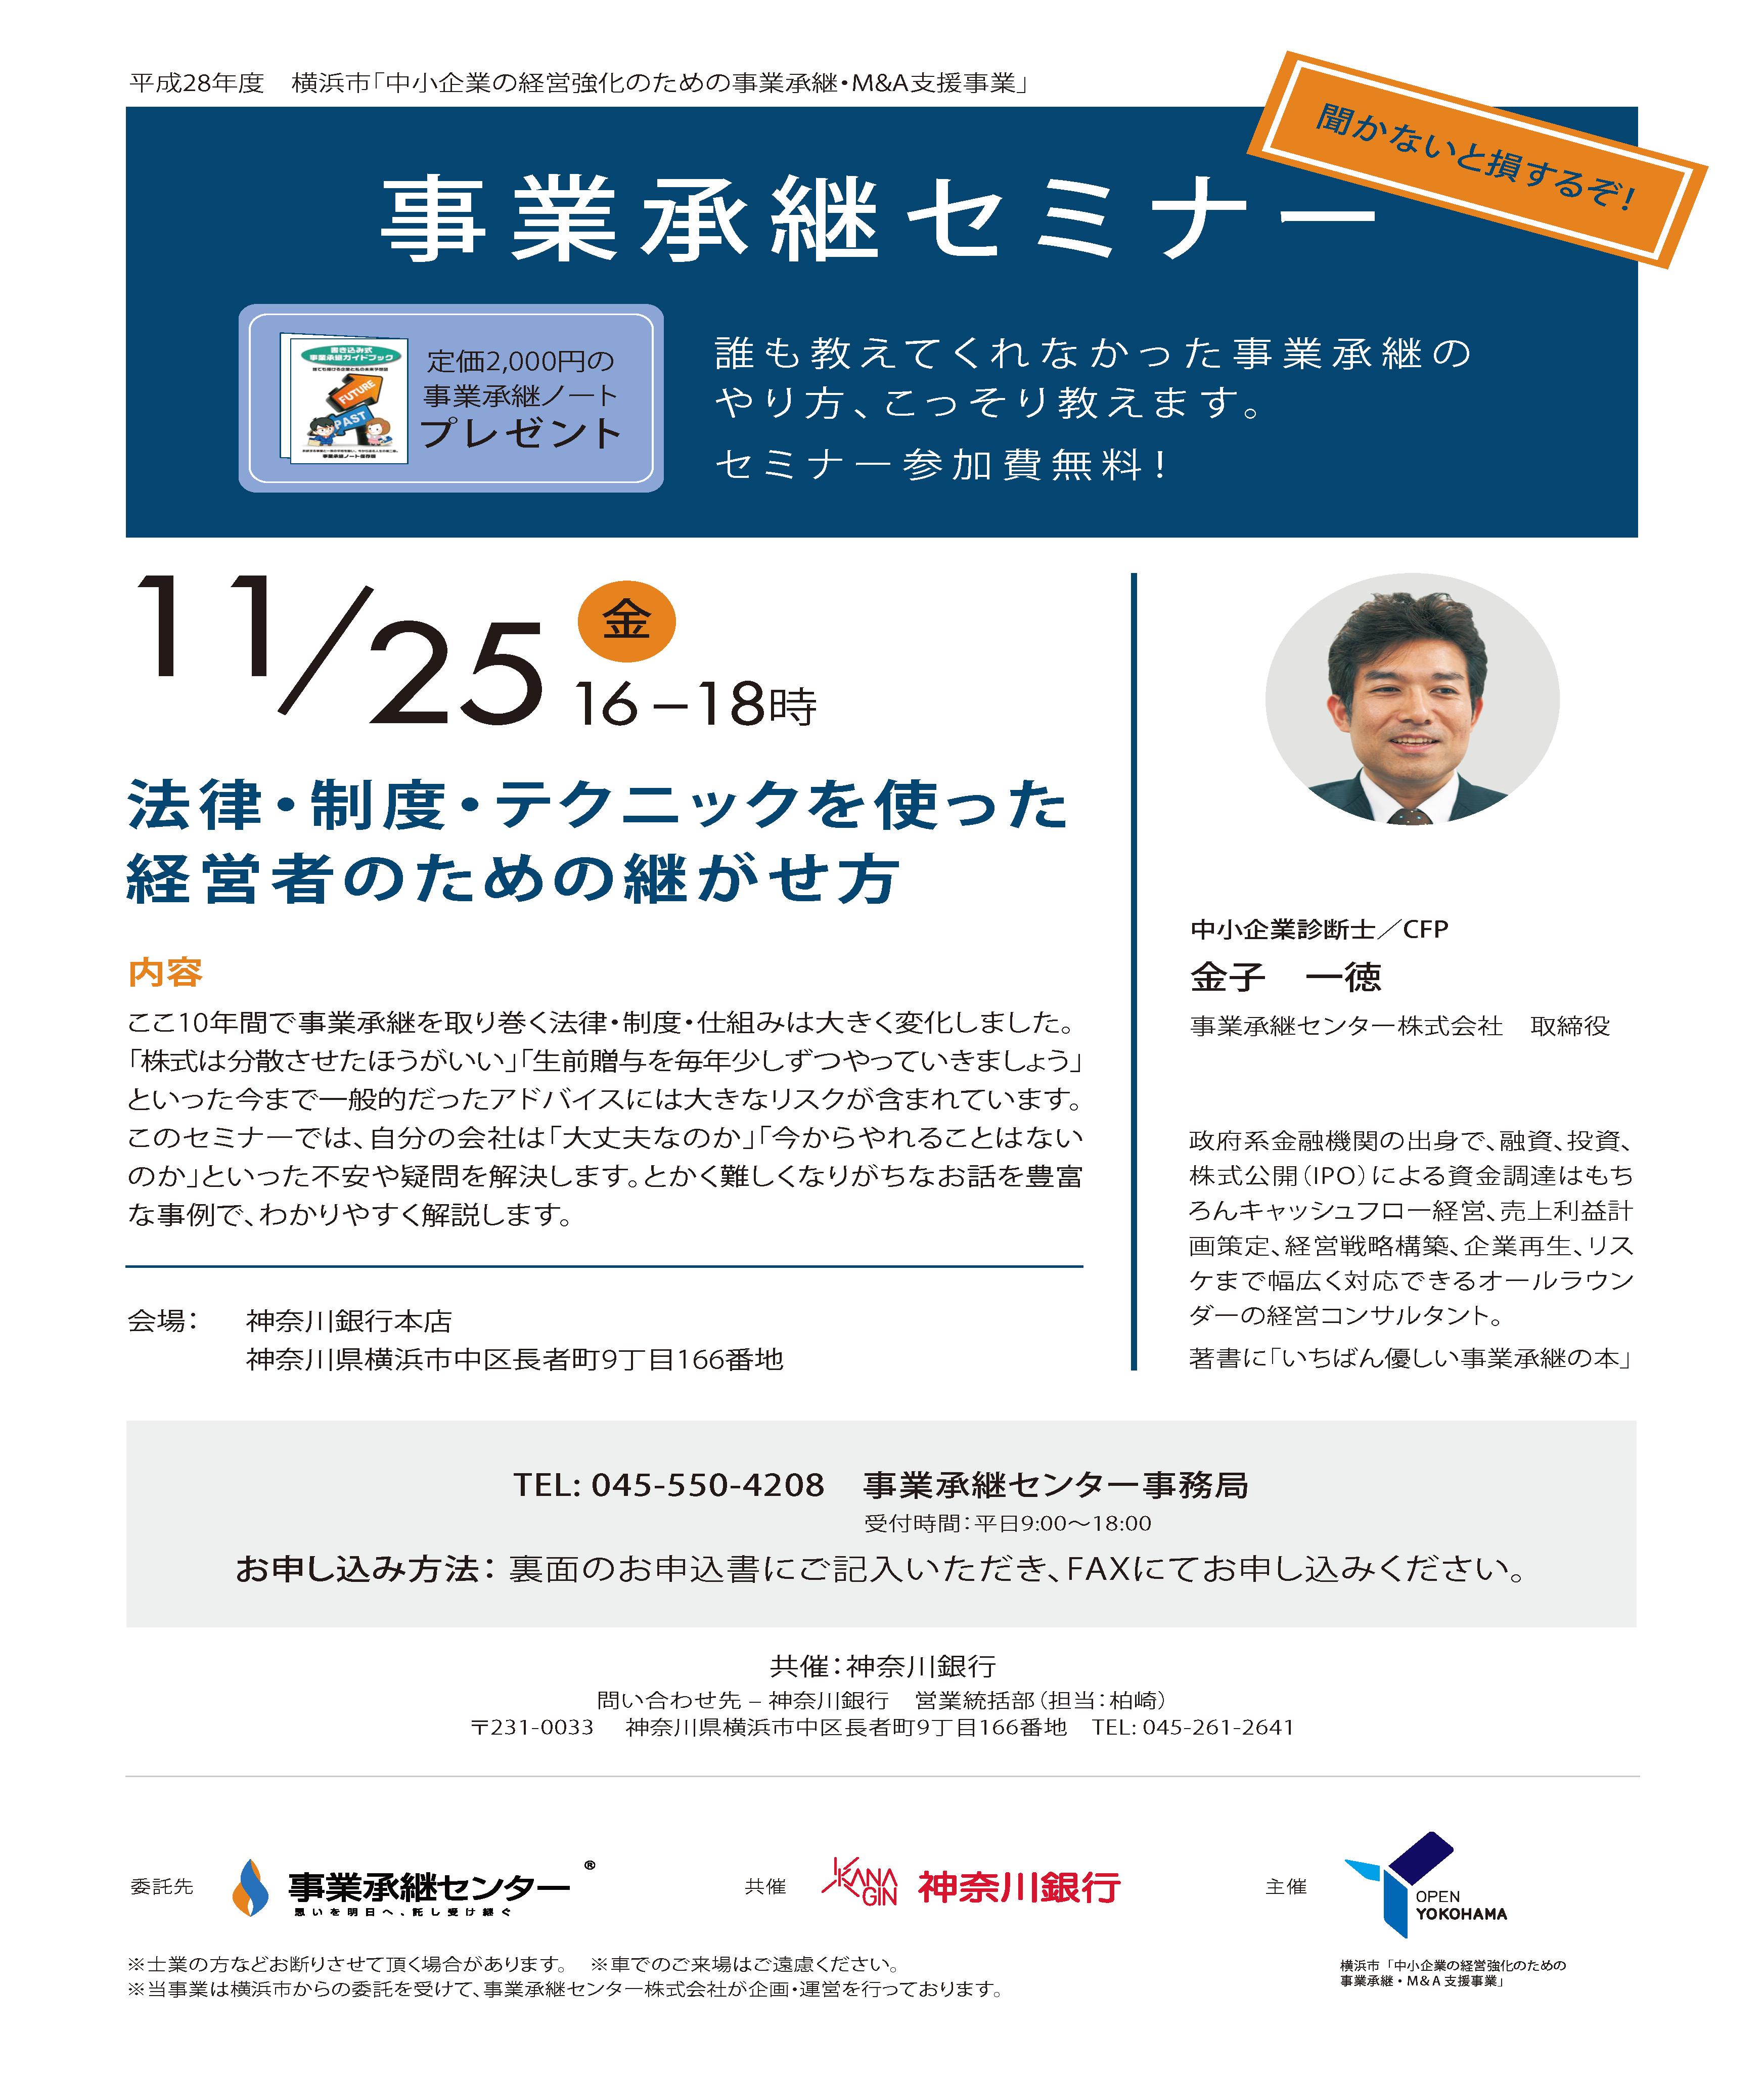 事業承継セミナー 神奈川銀行